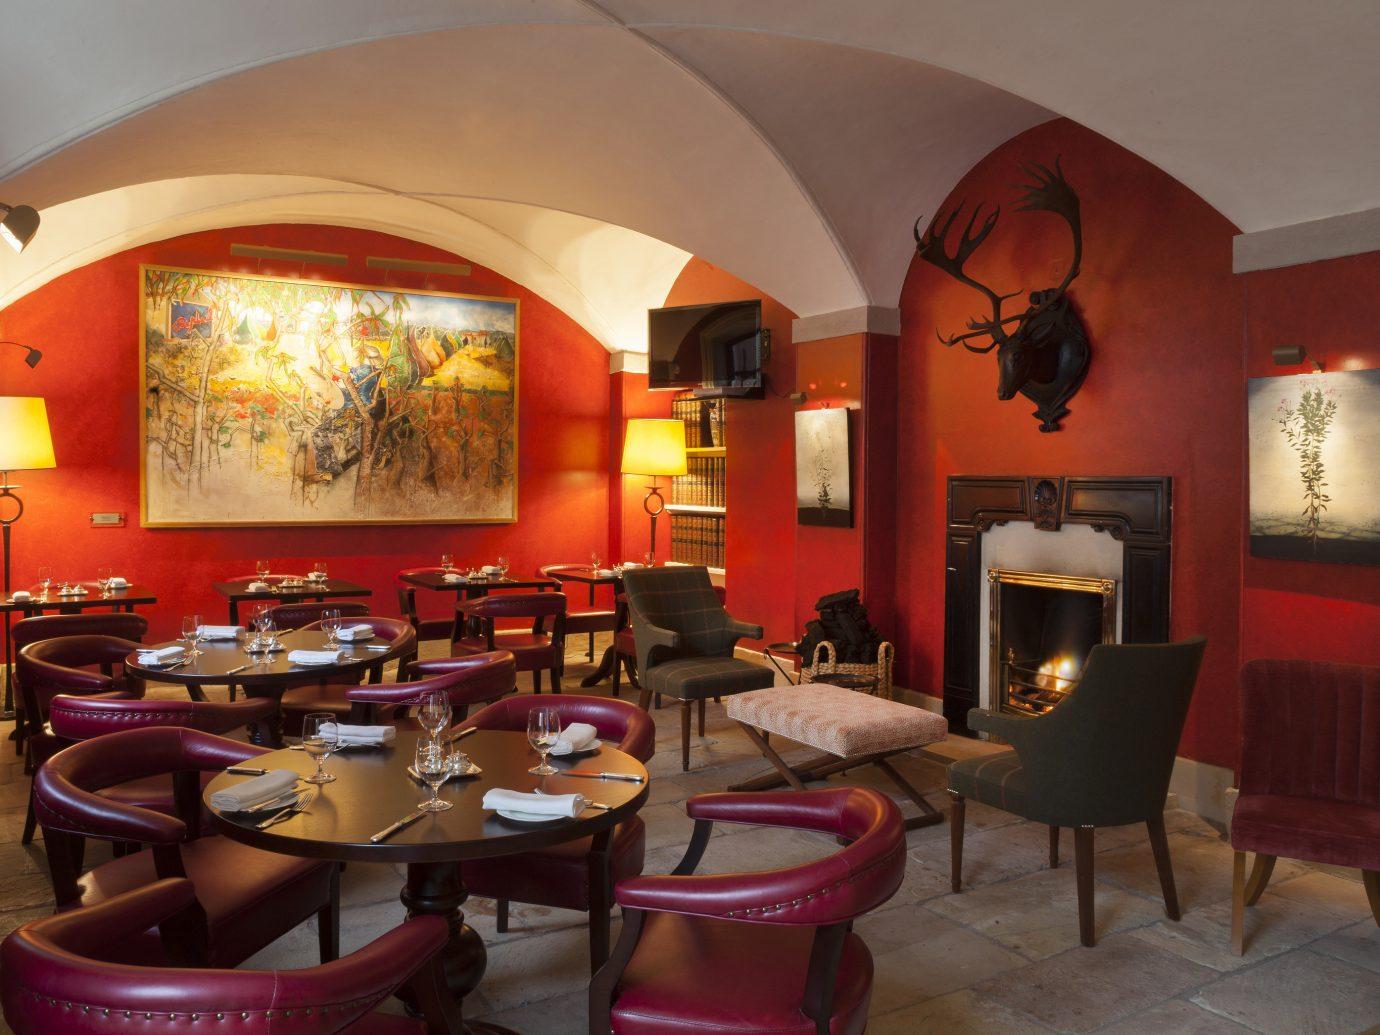 Dining room at Ballyfin in Ireland